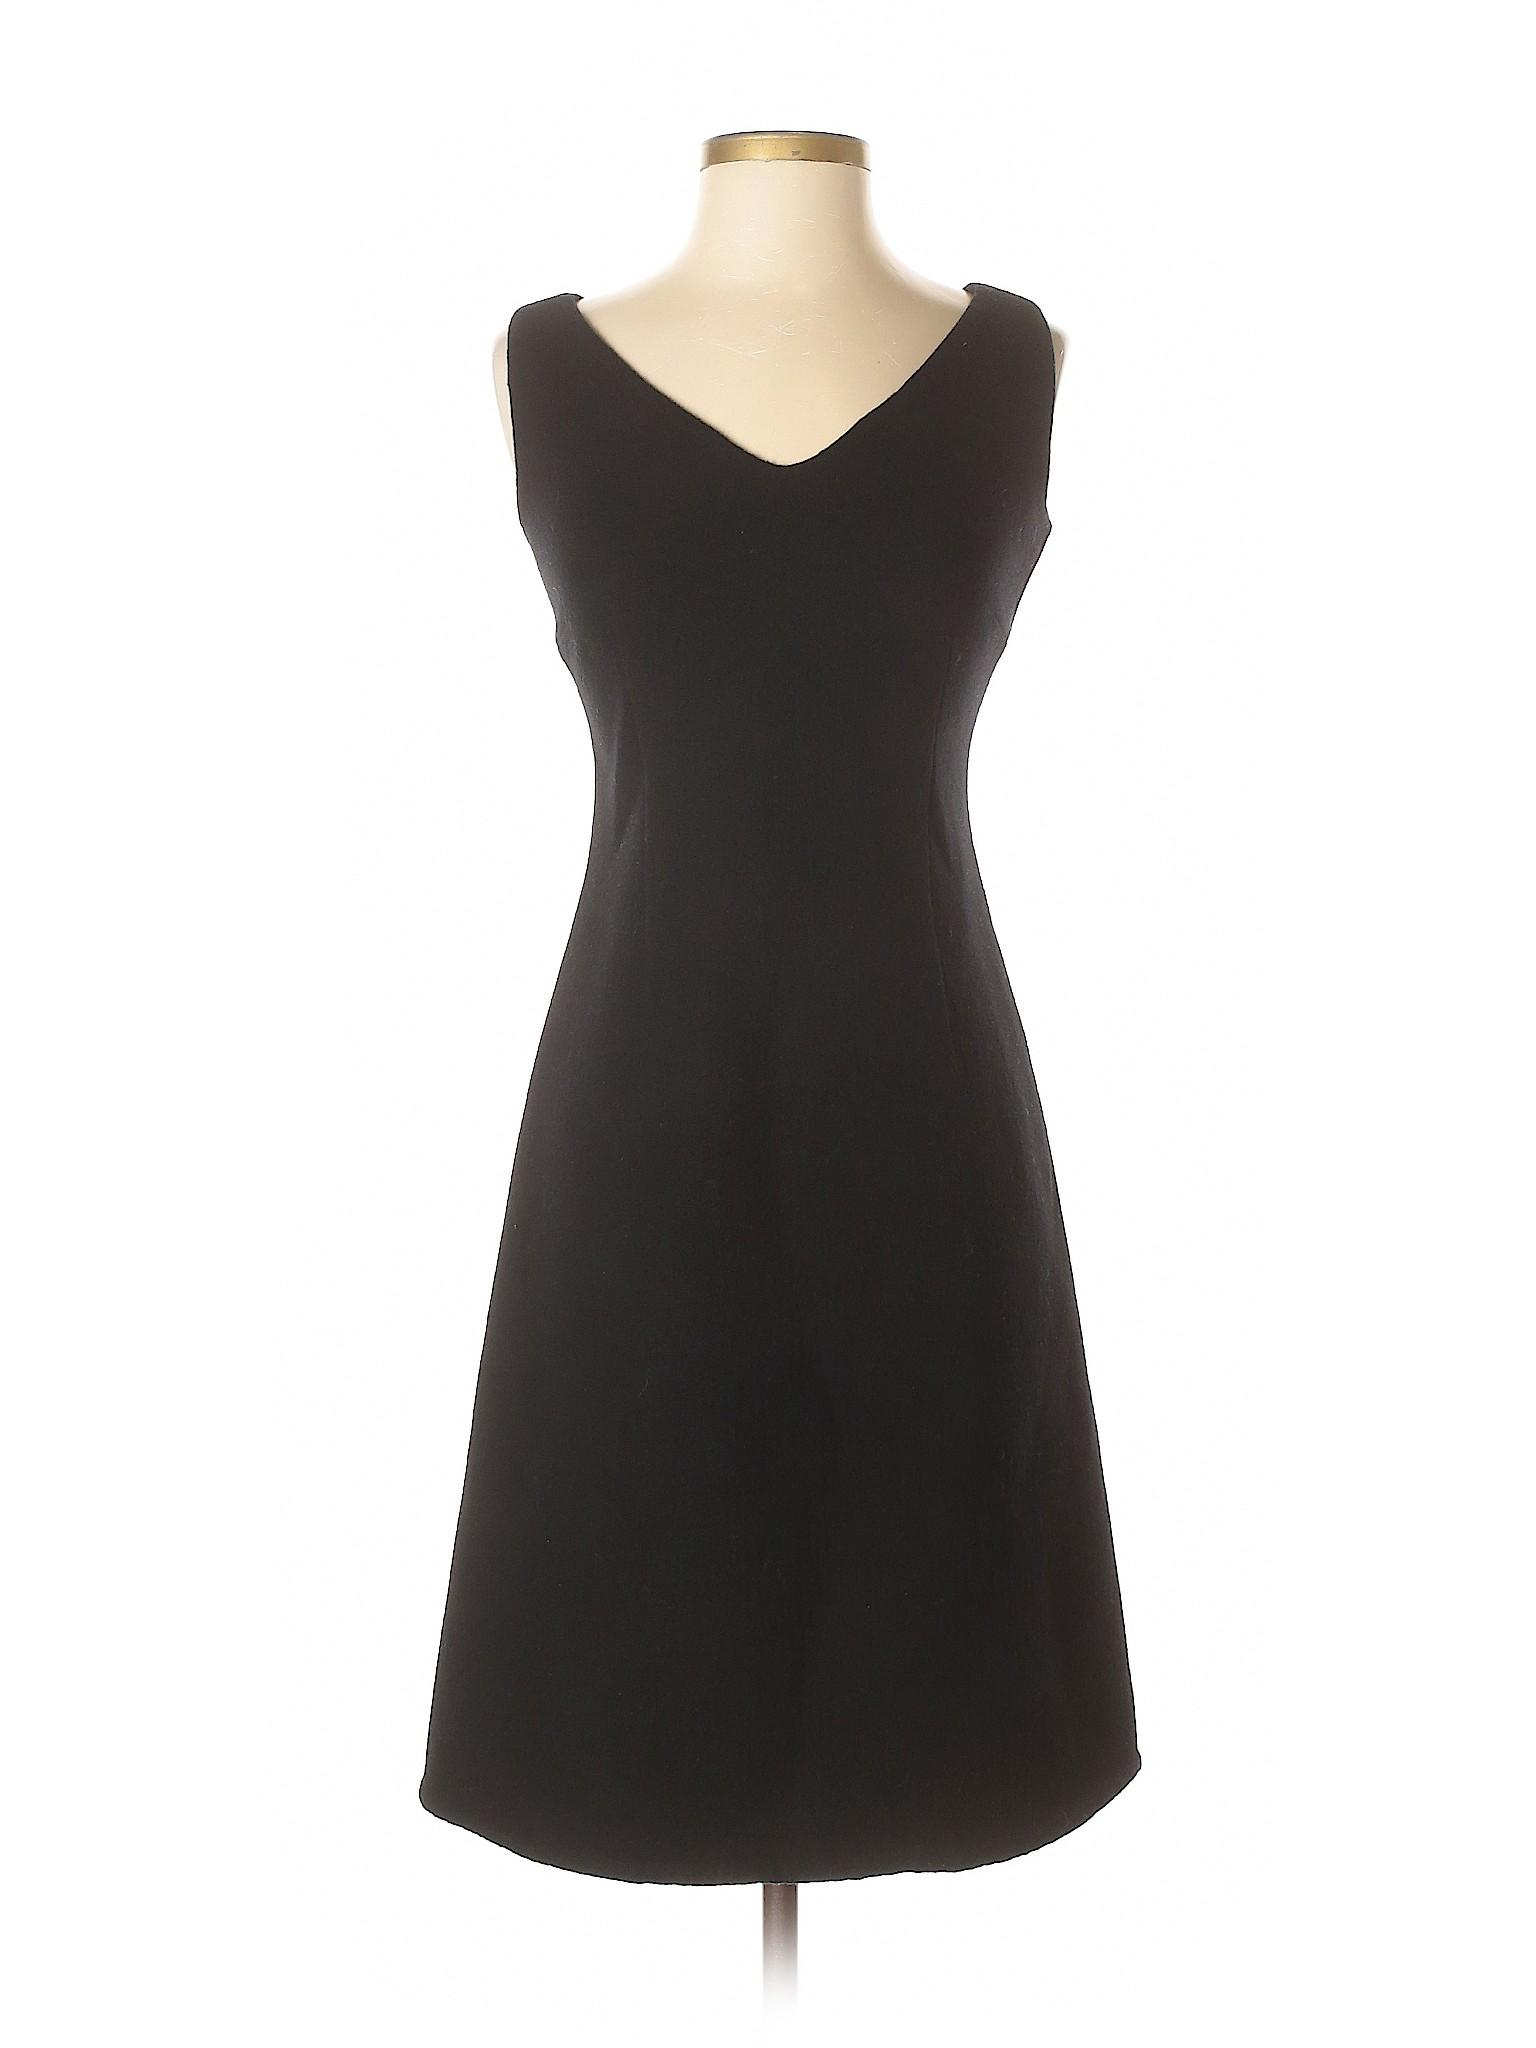 Dress Casual Ter Boutique Et Bantine winter qPcwxS